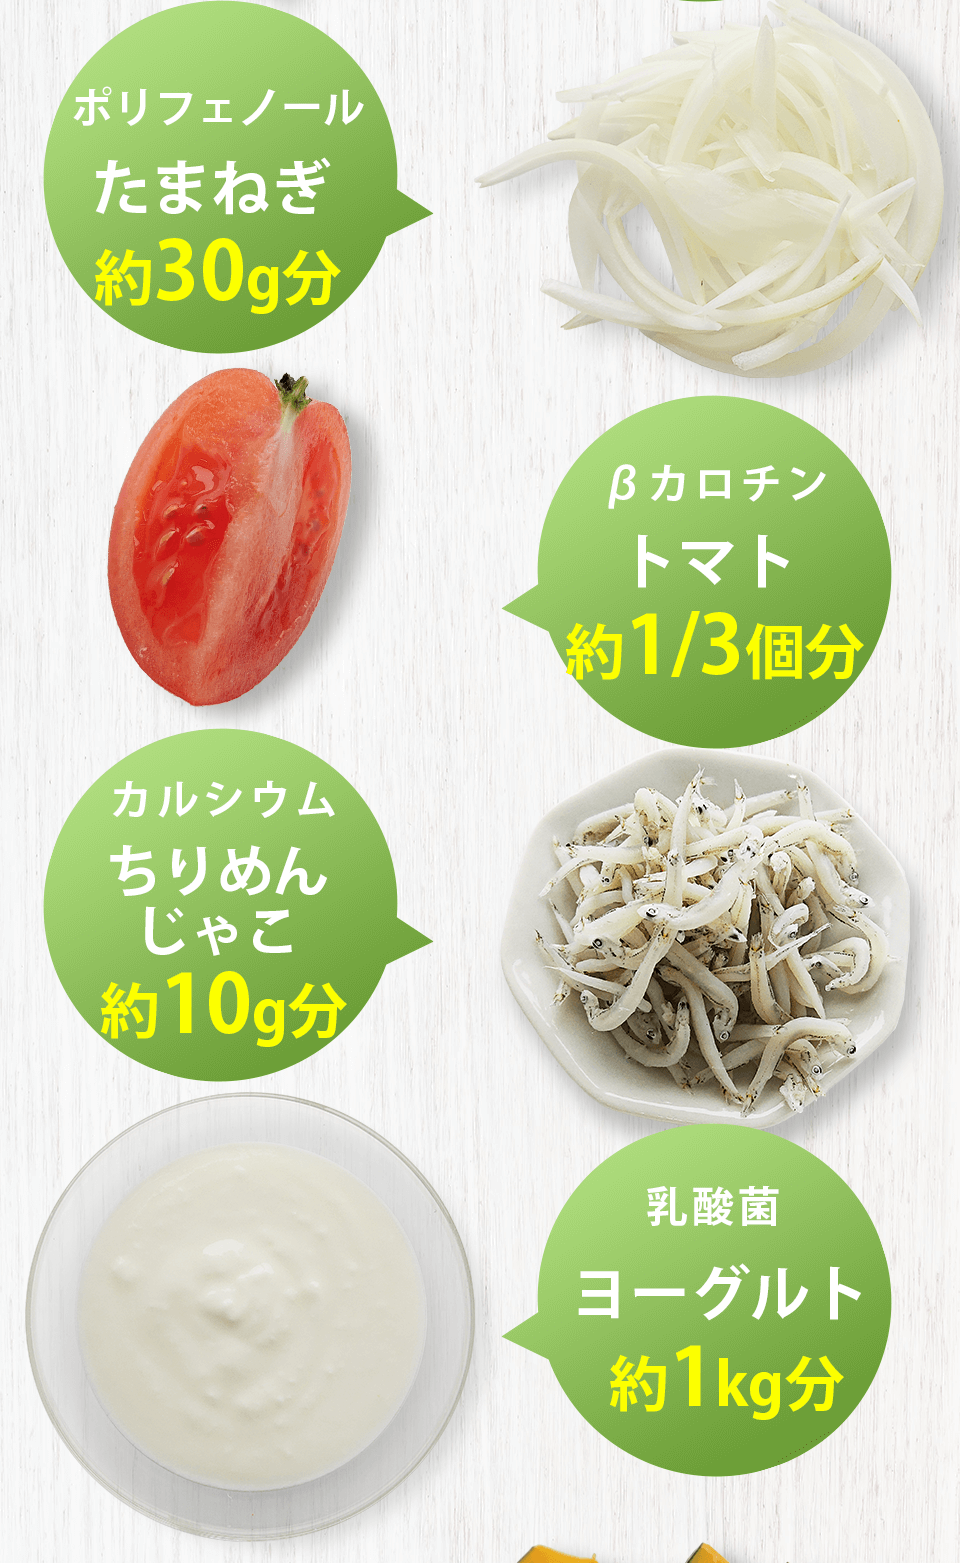 ポリフェノールは玉ねぎの約30g分、βカロチンはトマトの約1/3個分、カルシウムはちりめんじゃこの約10g分、乳酸菌はヨーグルトの約1kg分